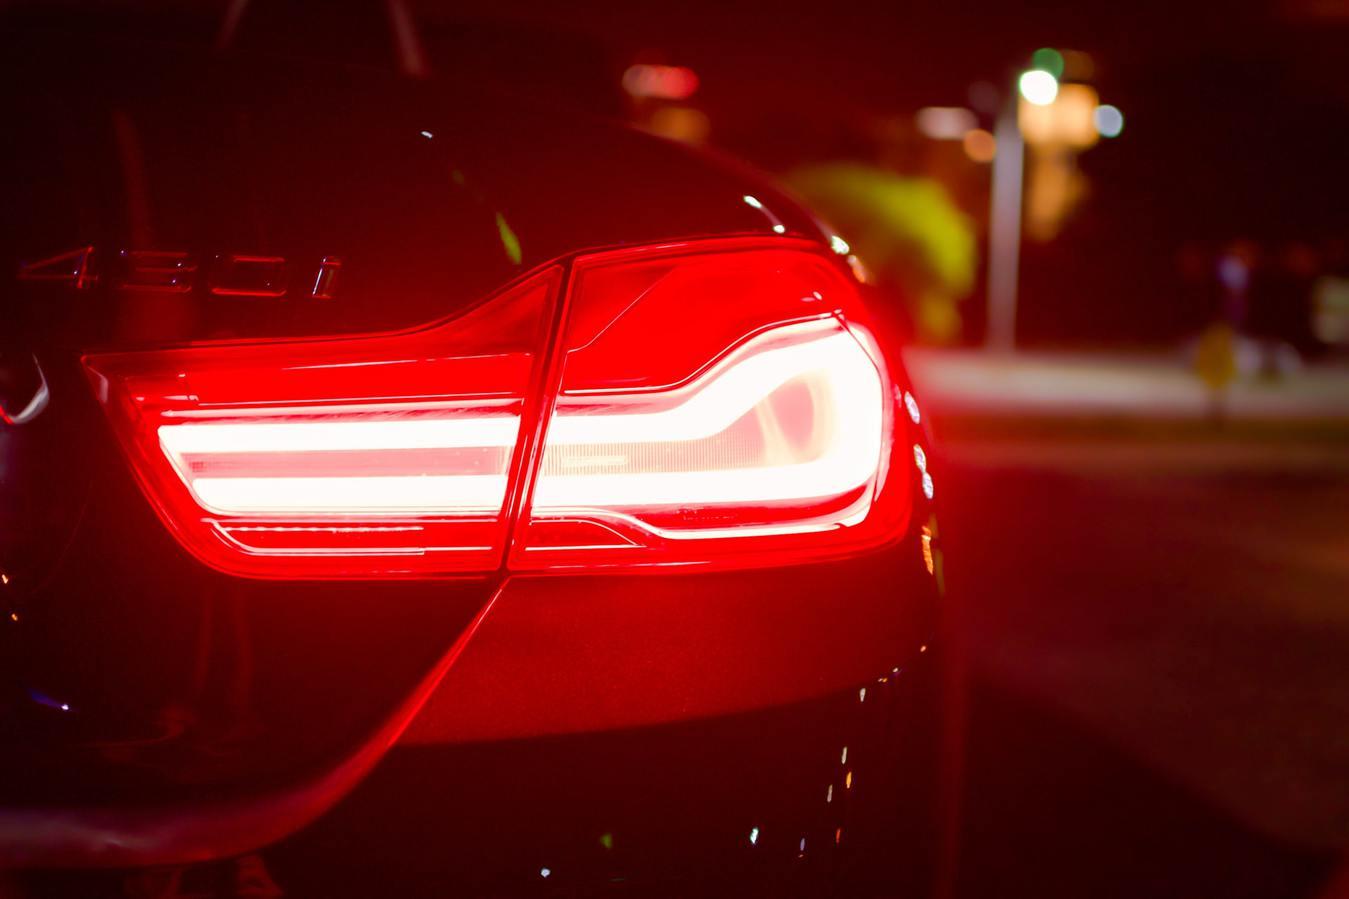 Auto achterlicht rood in de nacht